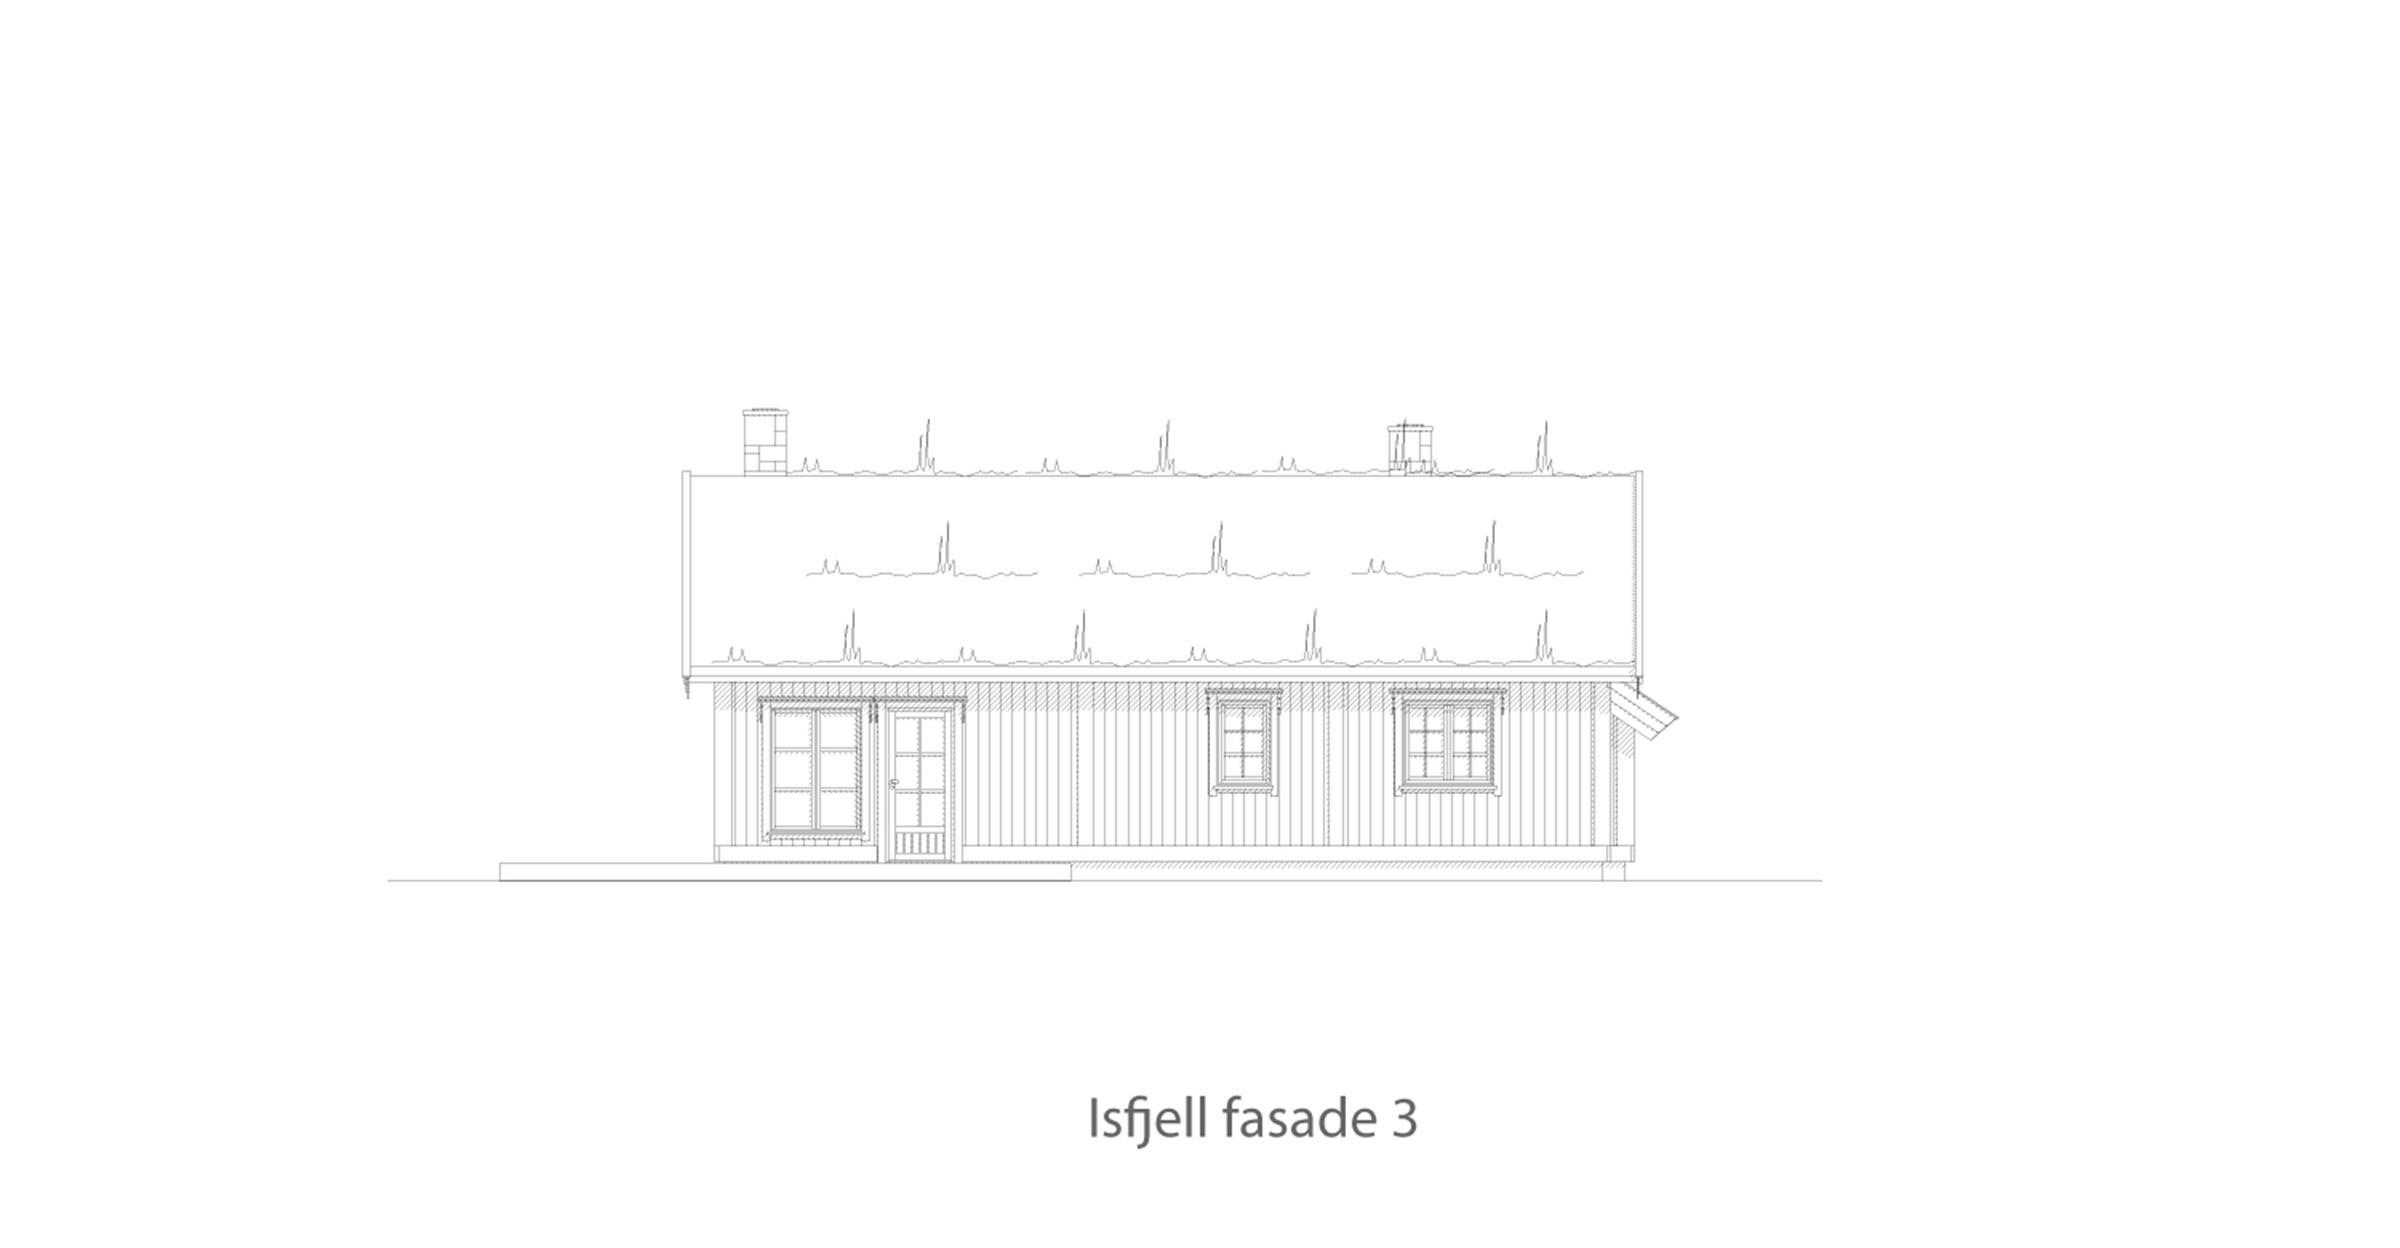 Isfjell fasade 3